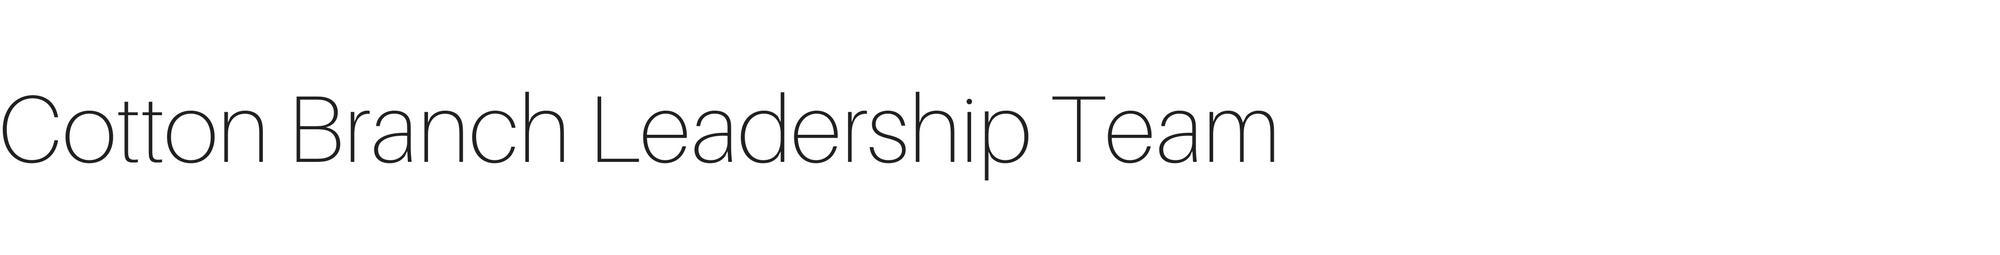 Leadership_Team.png